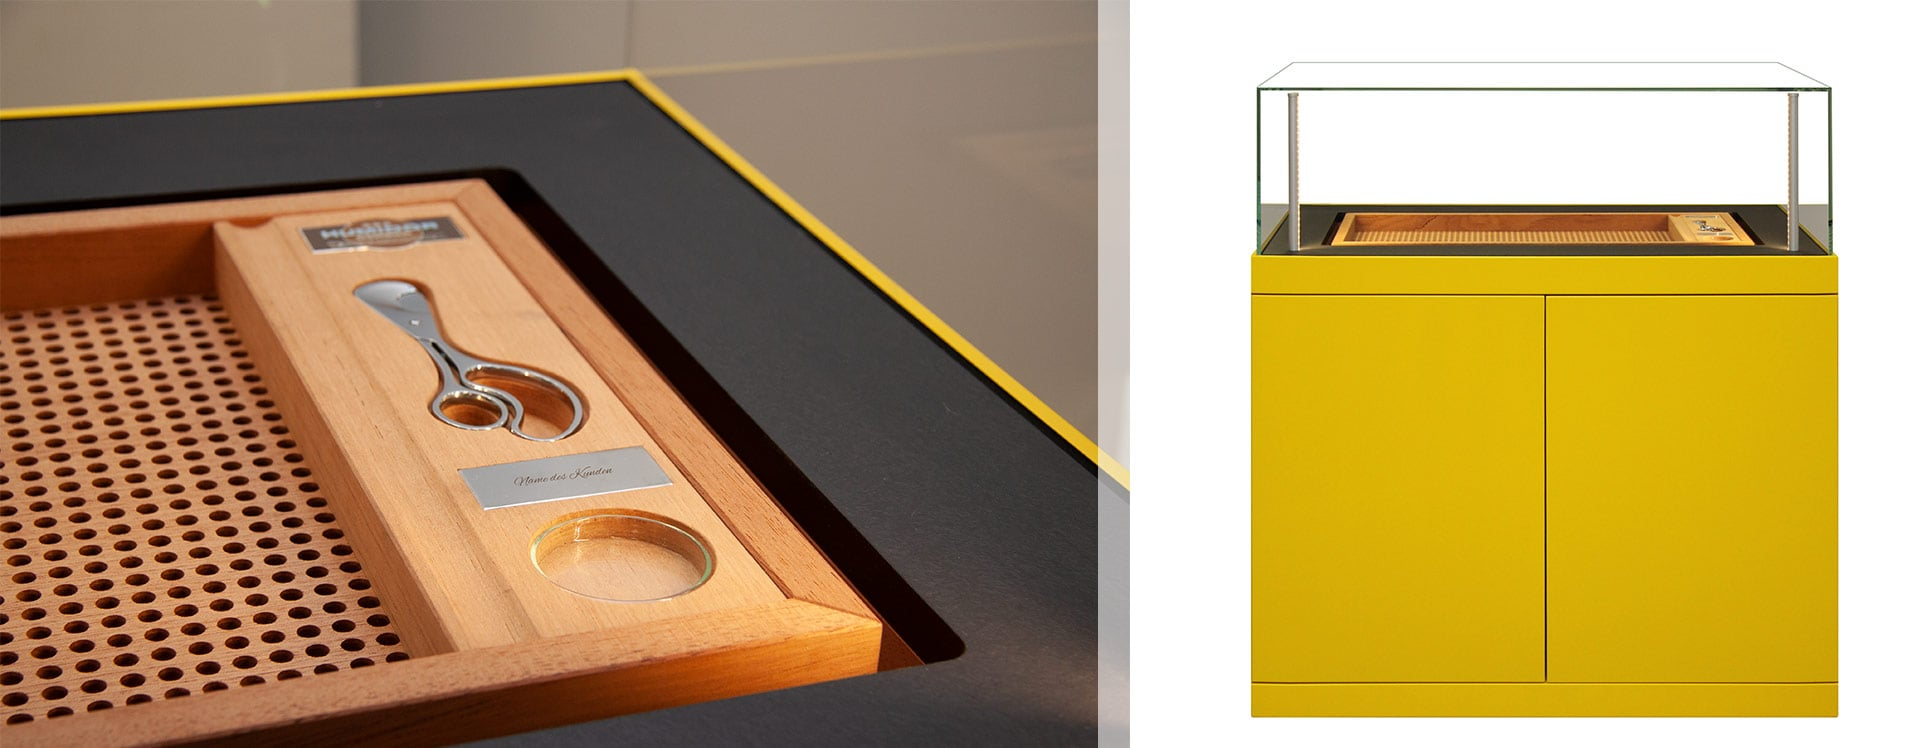 Zigarrenschrank Ascension von Gerber in gelber Außenhülle